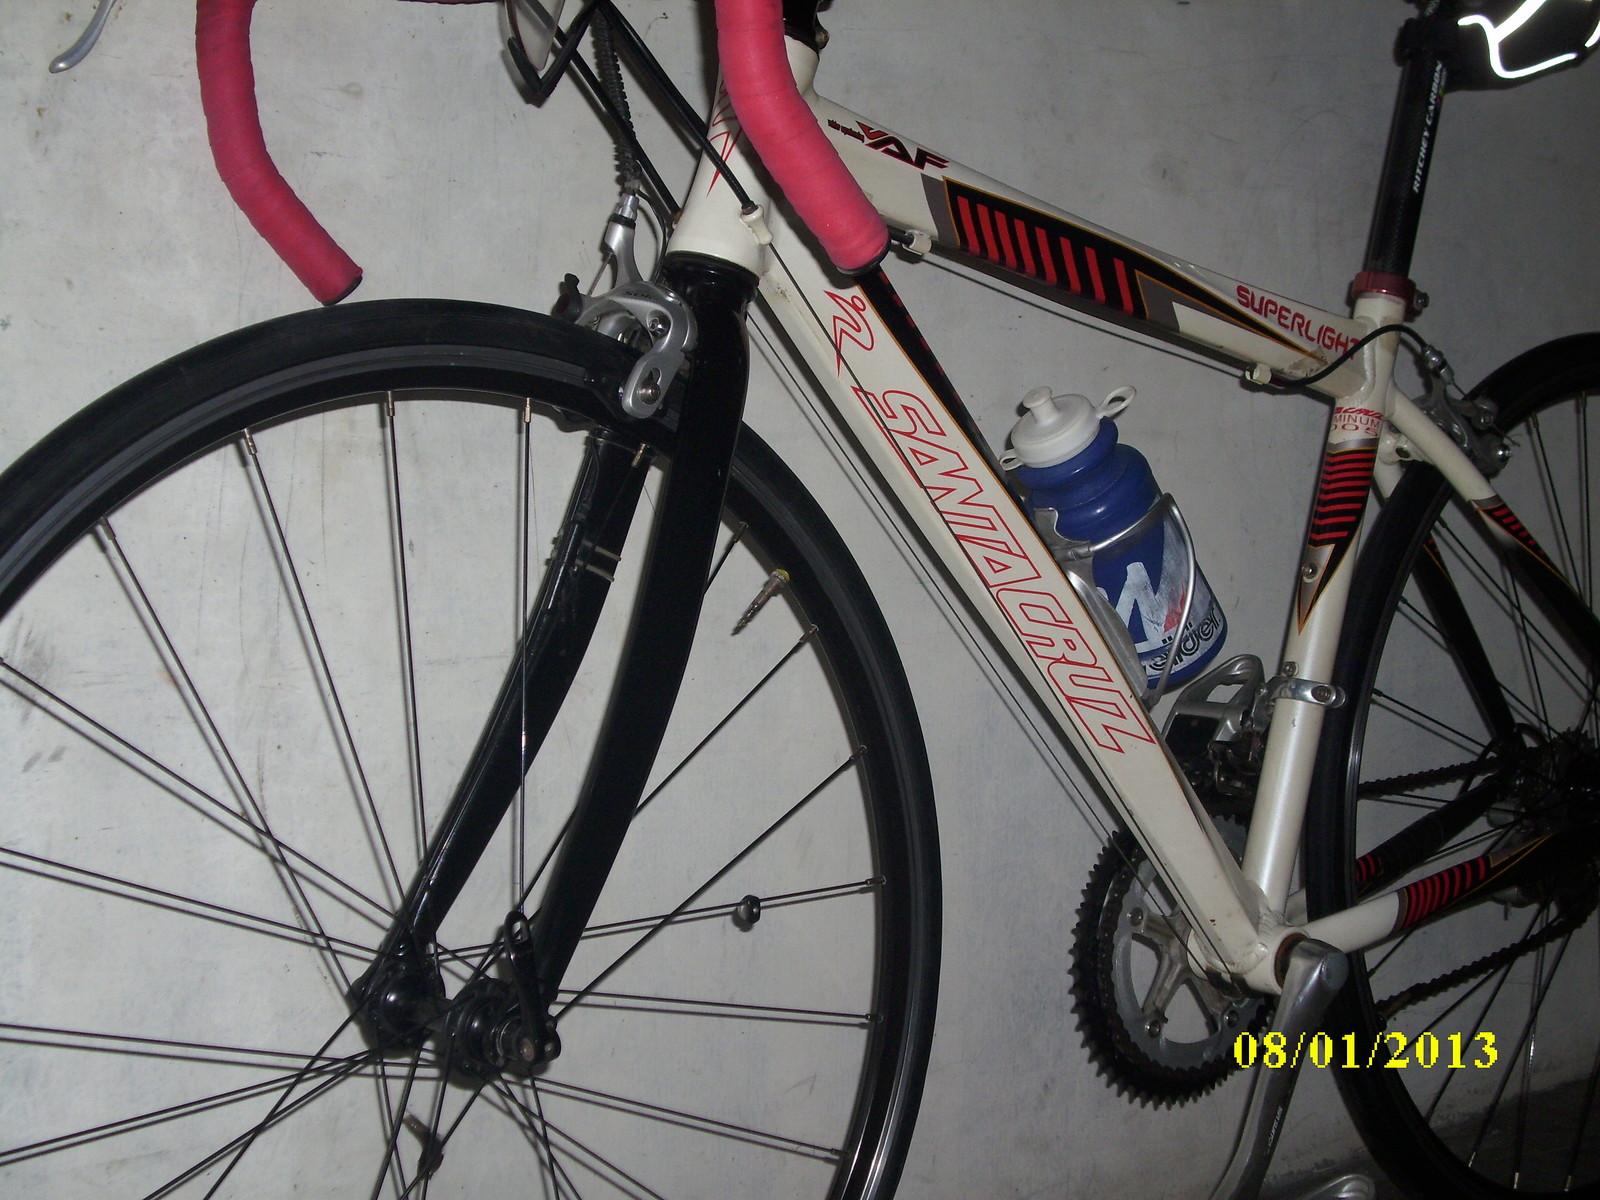 IMG 0350 - naye.nah1 - Mountain Biking Pictures - Vital MTB